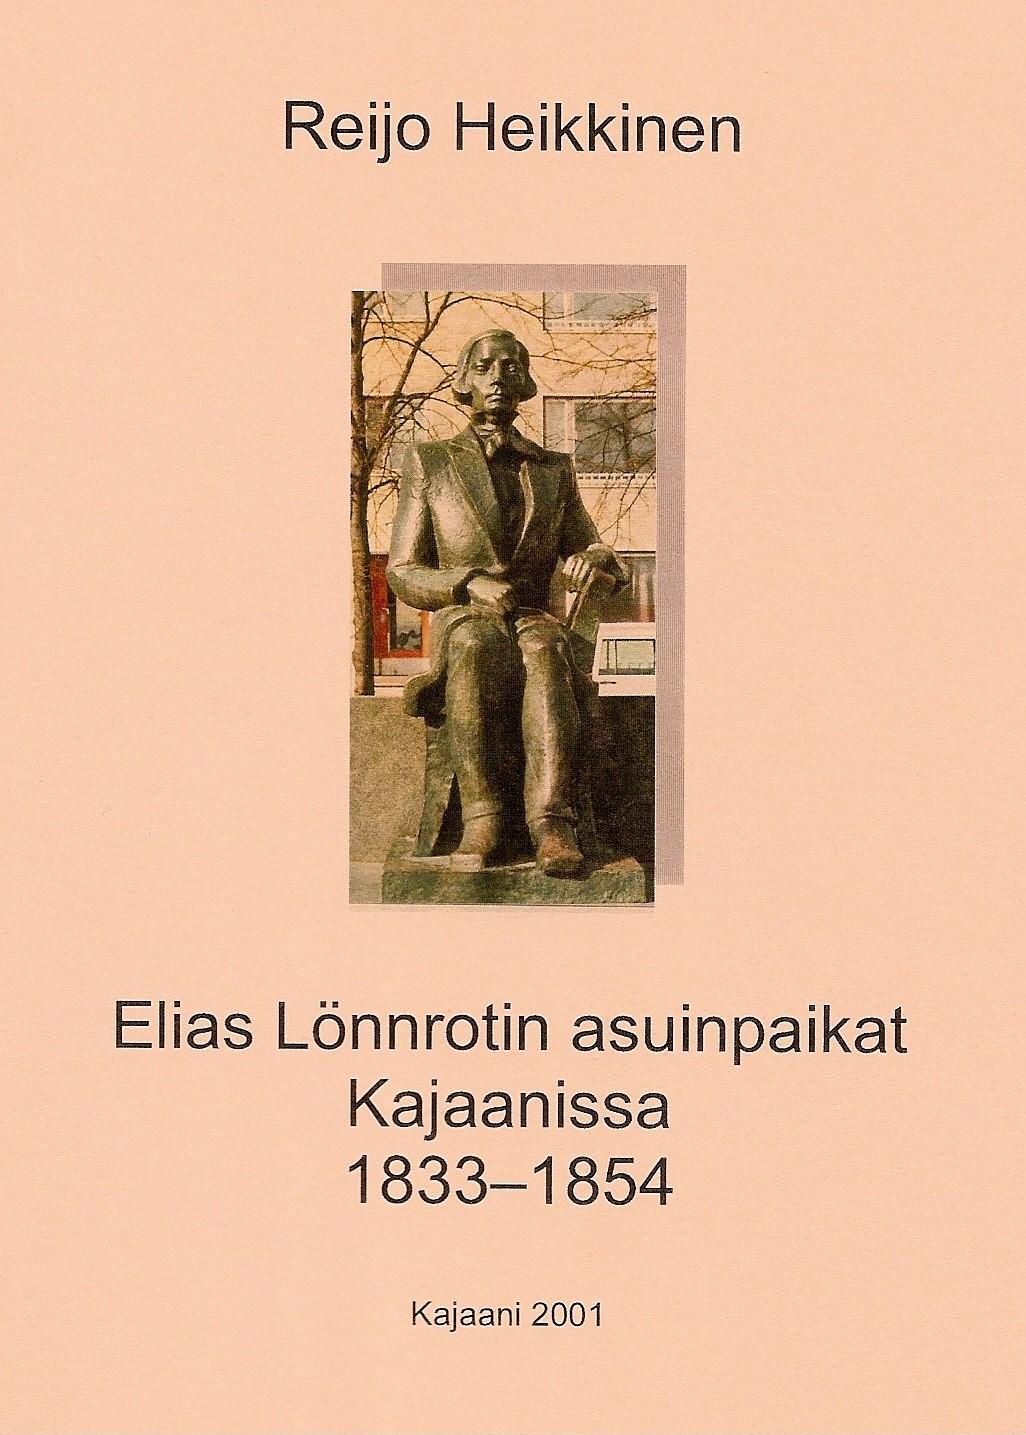 Elias Lönnrotin asuinpaikat Kajaanissa 1833 - 1854 2001